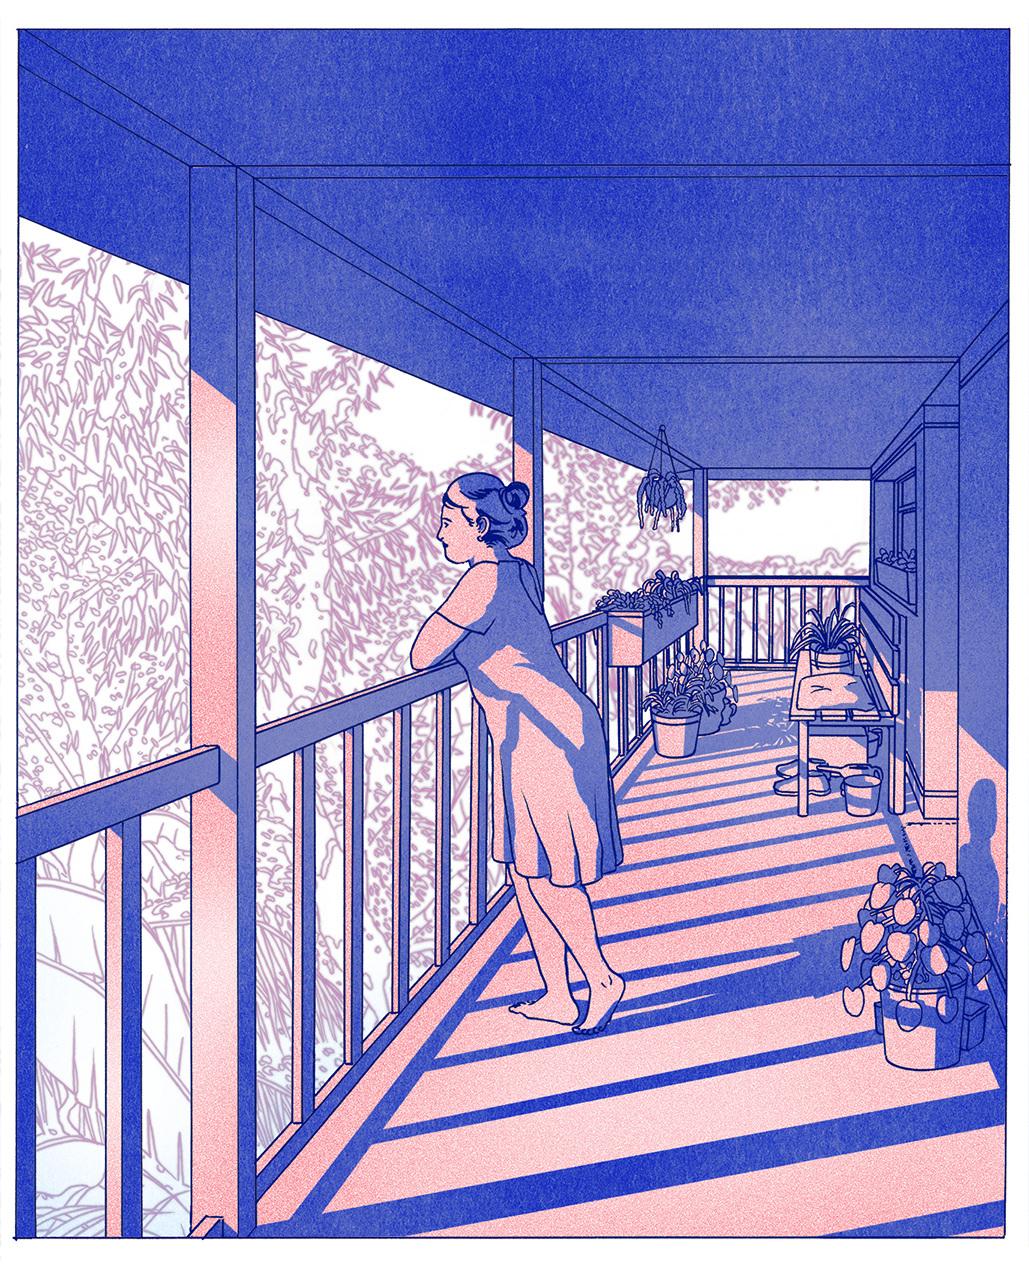 Il fumettista Liam Cobb e le sue illustrazioni architettoniche | Collater.al